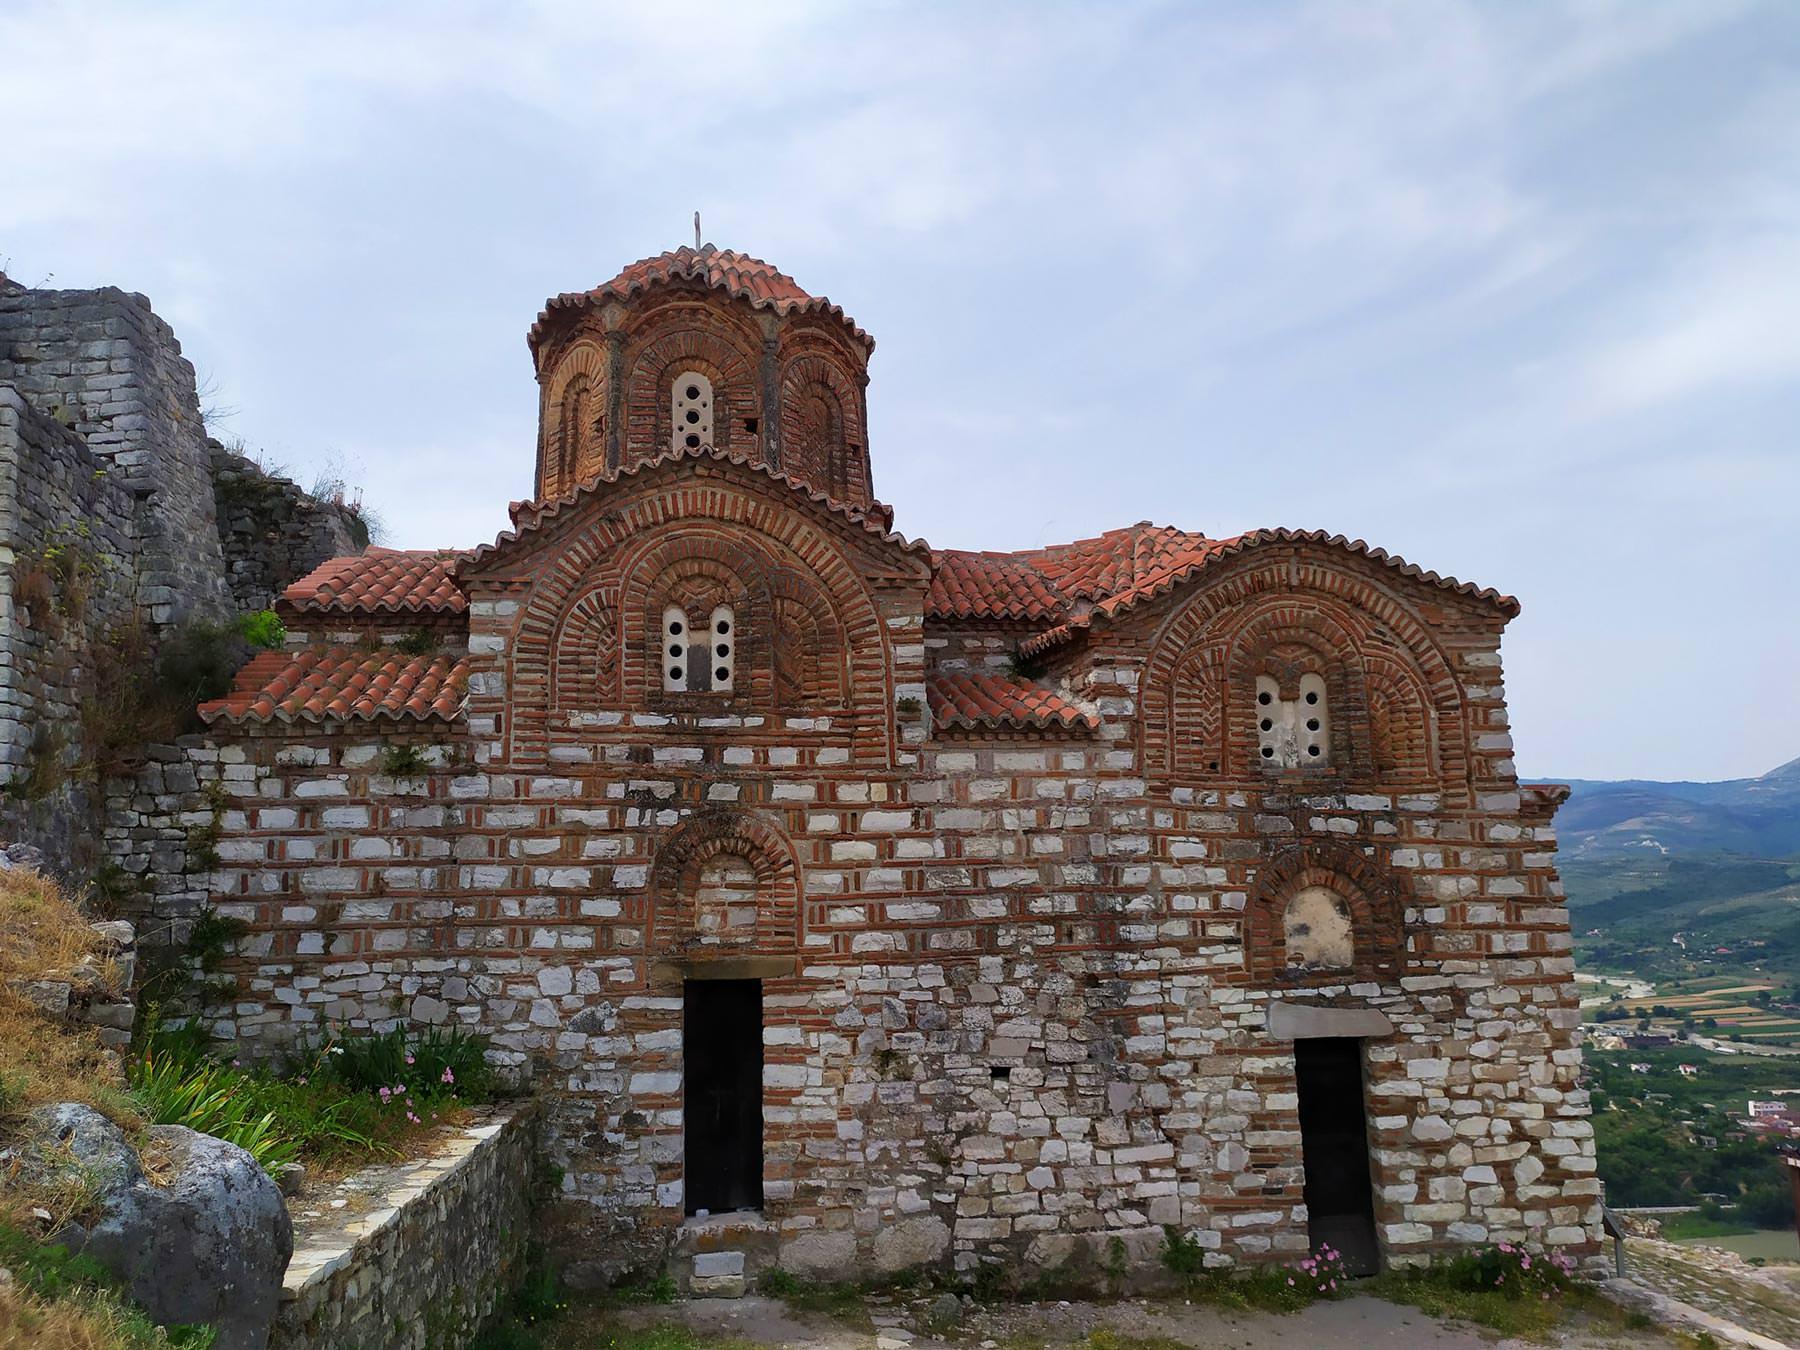 ναός της Αγίας Τριάδος στο Κάστρο Μπερατίου